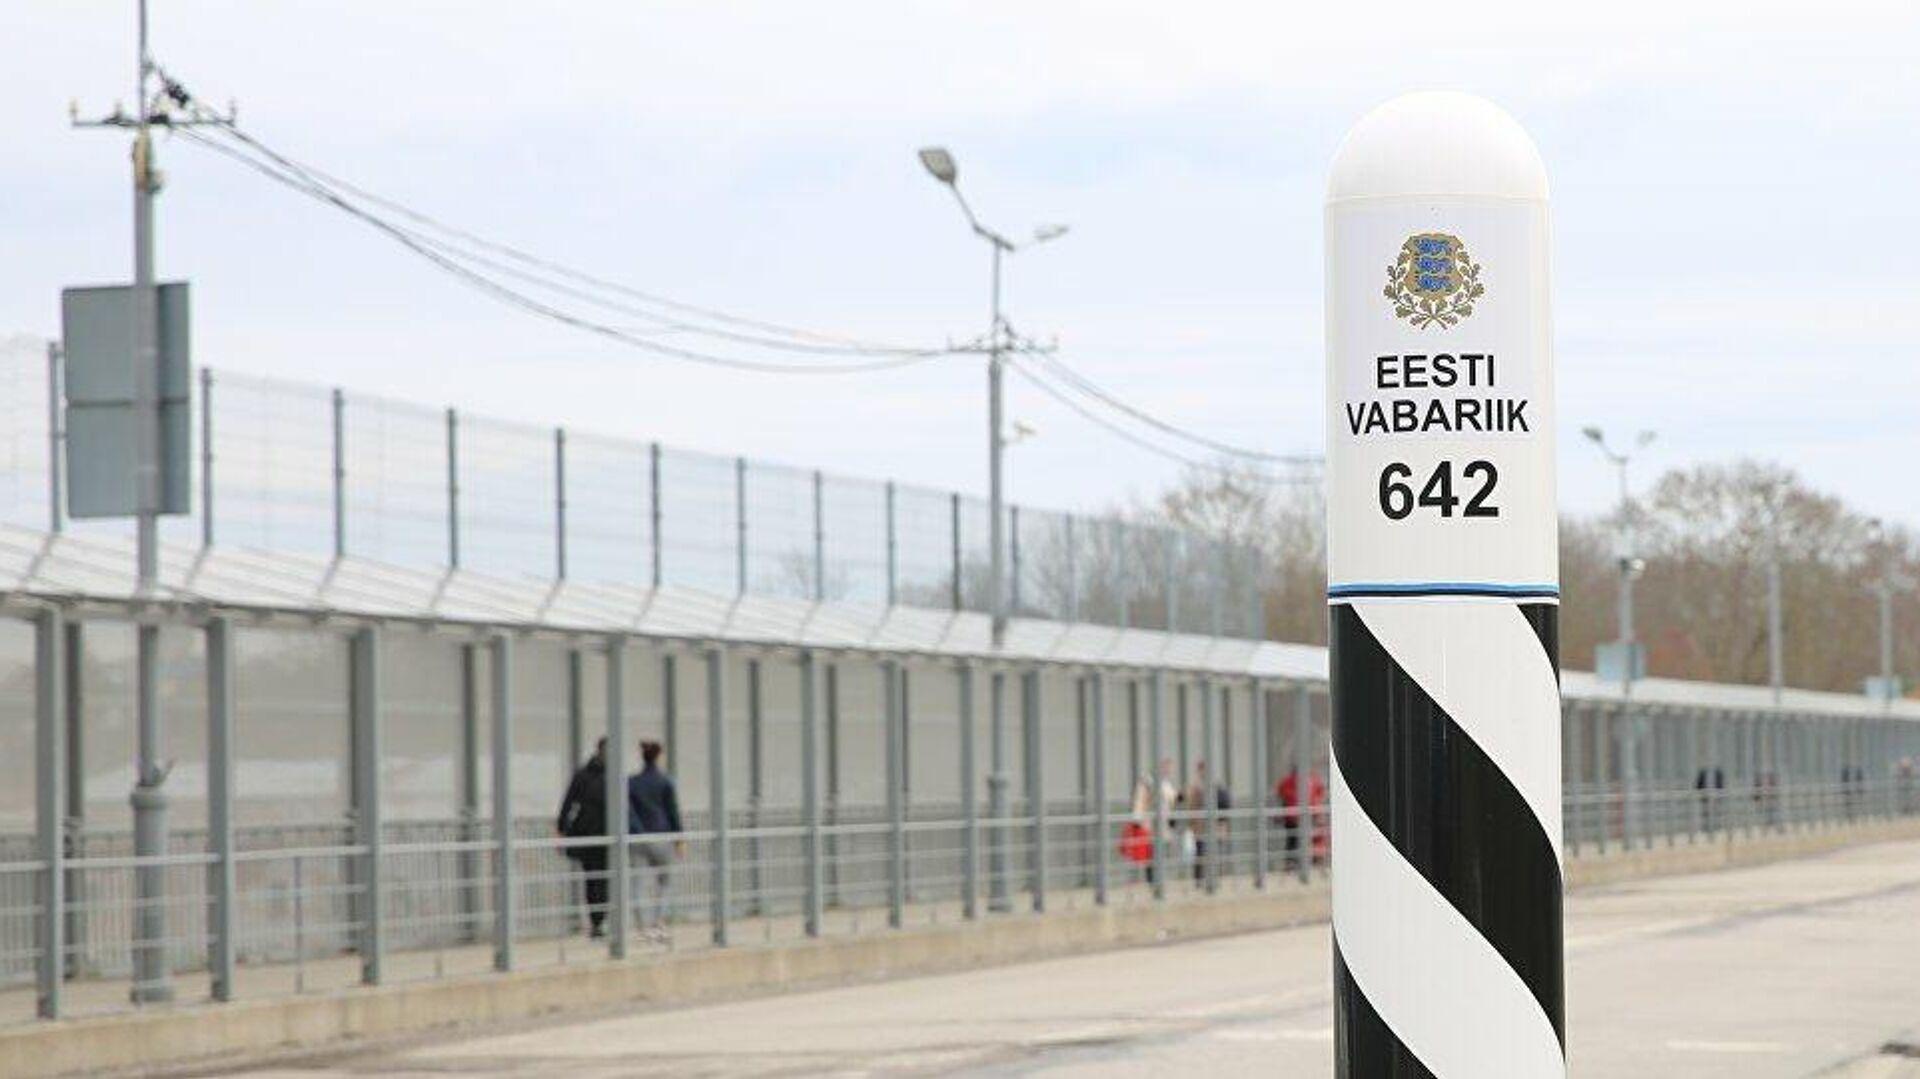 Пограничный столб на эстонско-российской границе в Нарве - РИА Новости, 1920, 18.02.2021